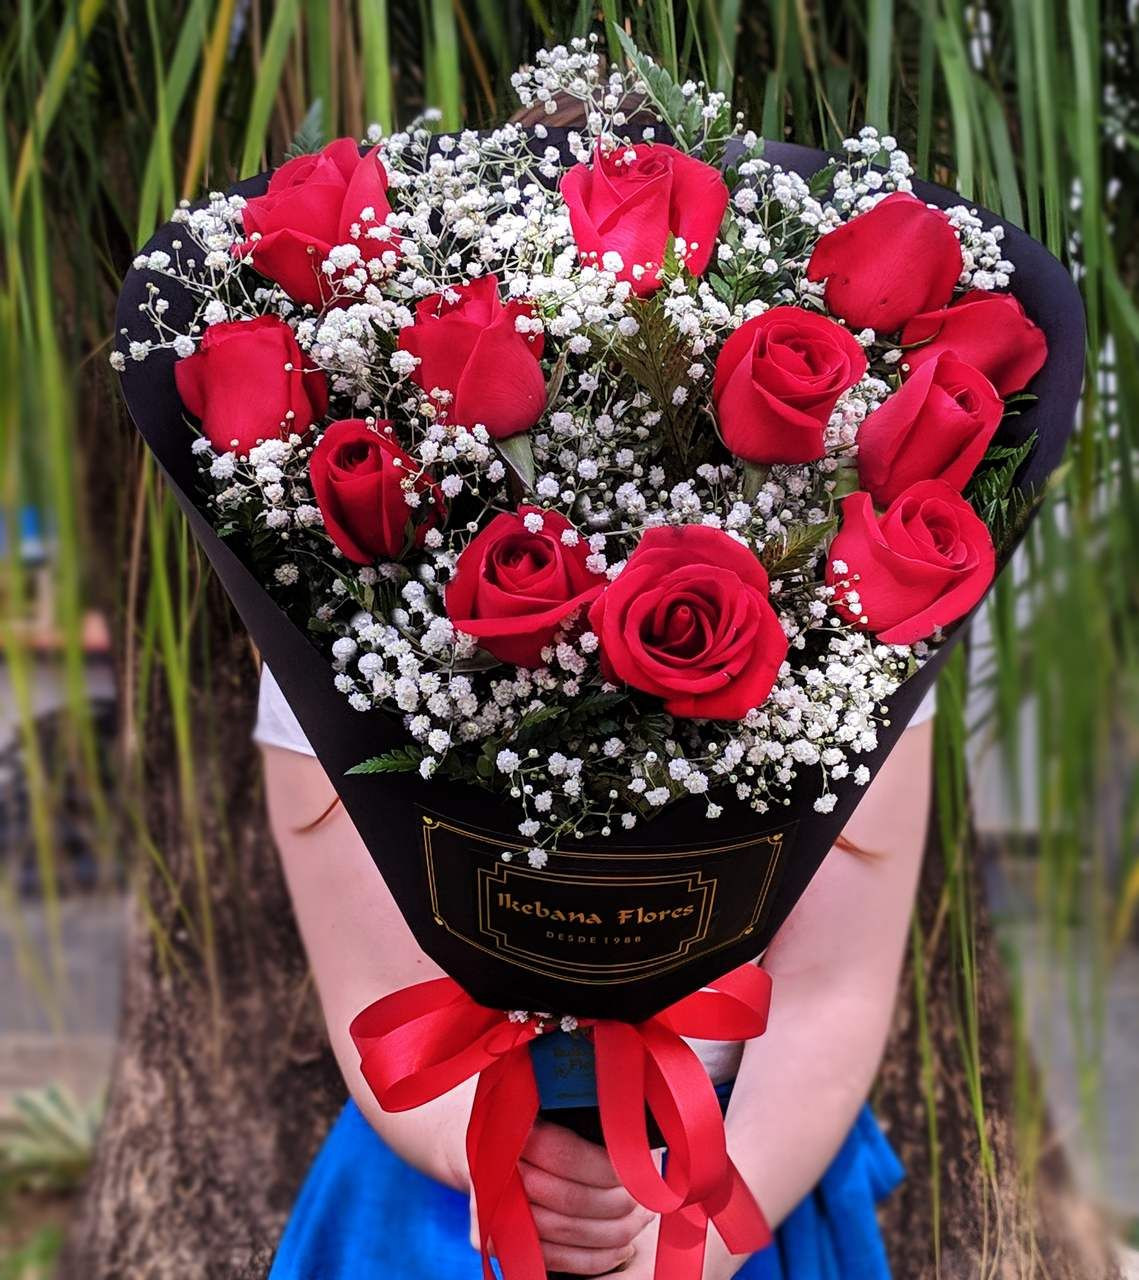 Buque de flores rosas - flores bh